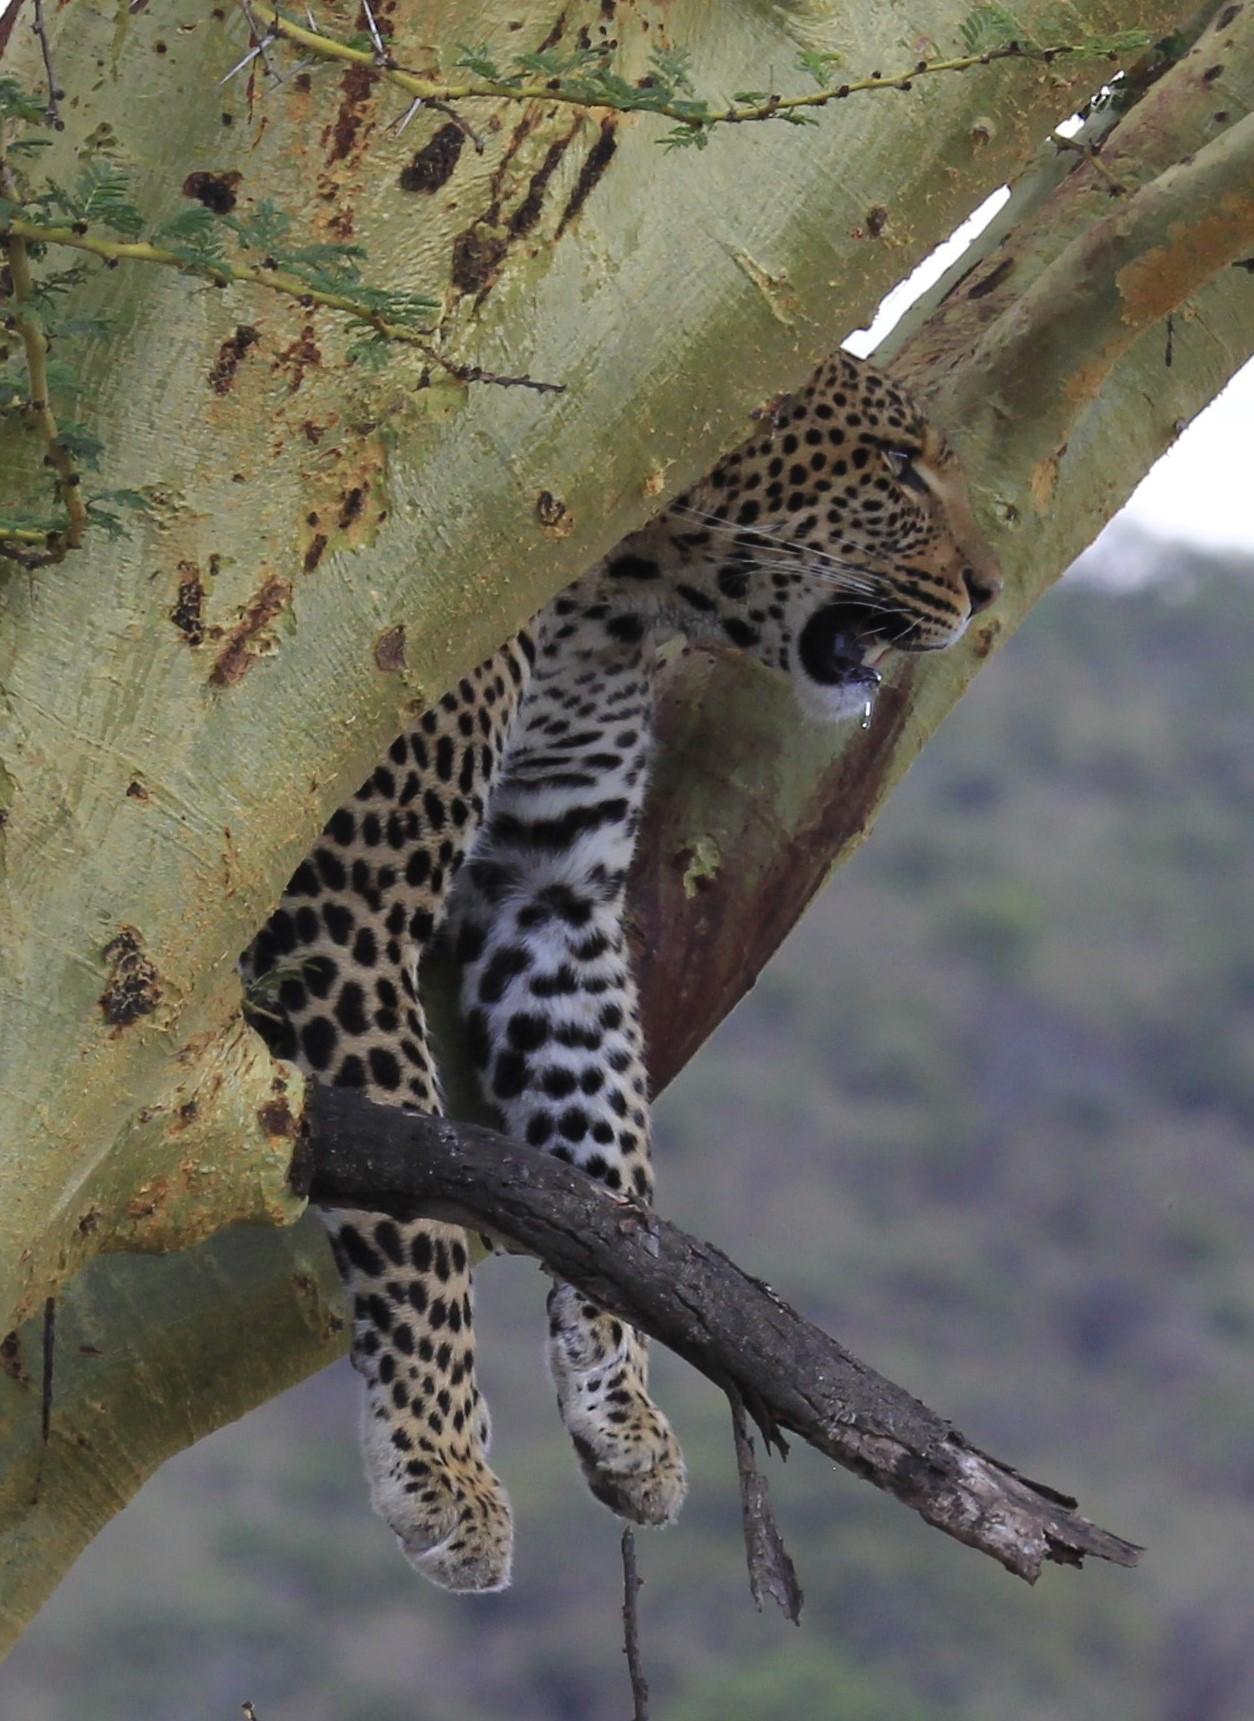 Leopard in a tree.